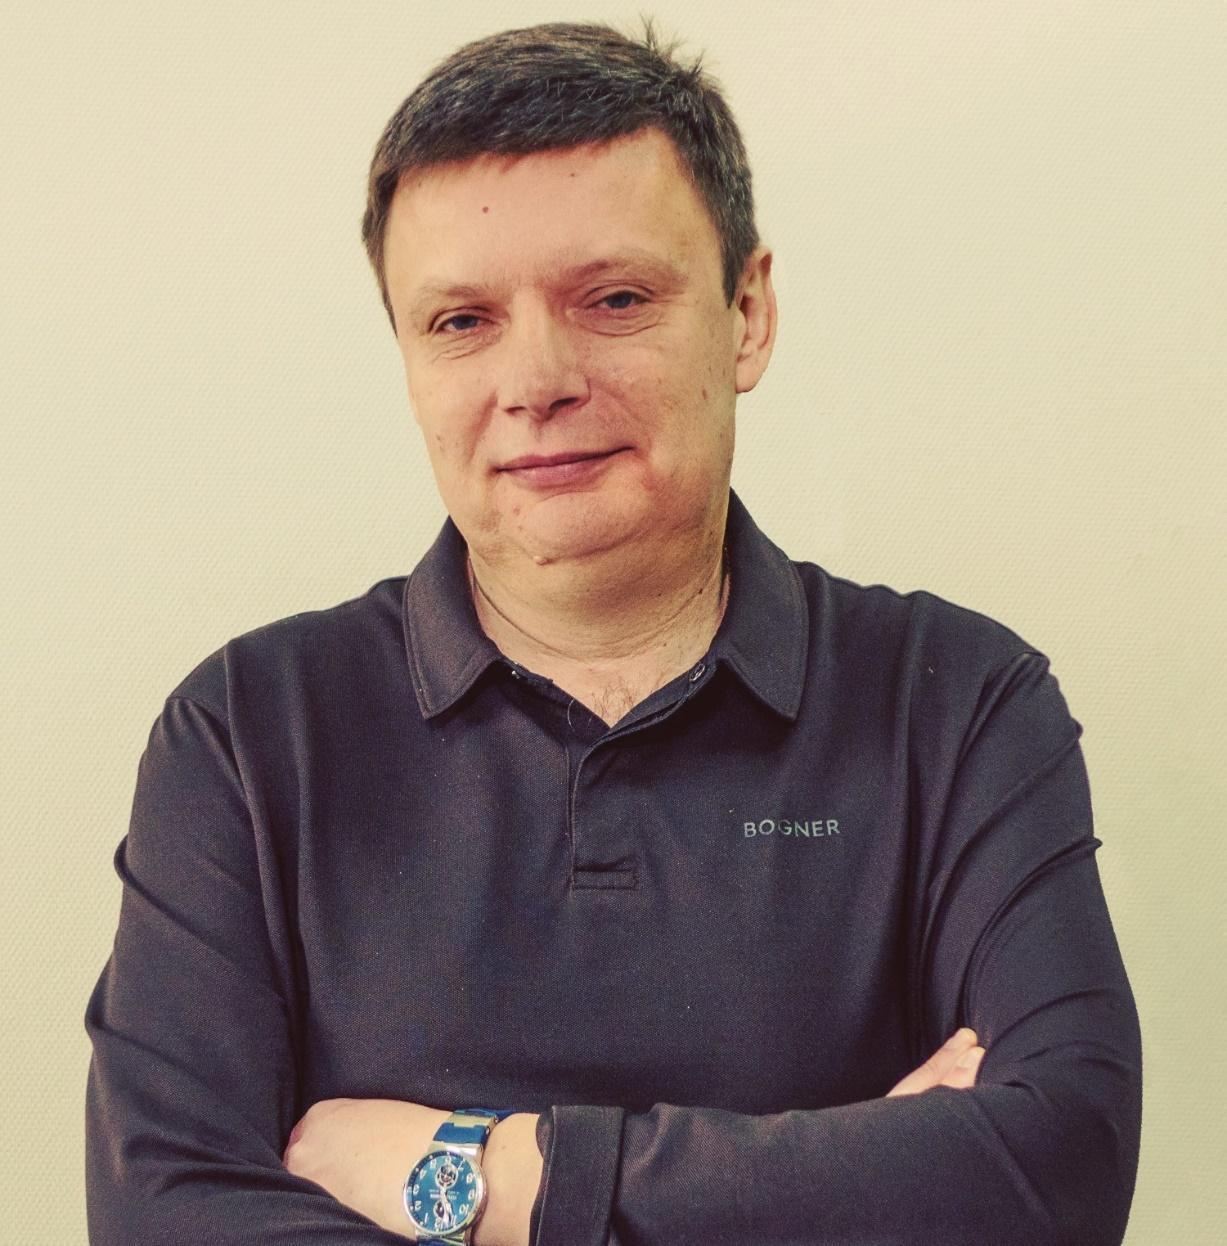 Европа делает упор на доставку газа, создавая несколько путей поставок голубого топлива, - генеральный директор Yug-Neftegaz Private Limited Игорь Буркинский